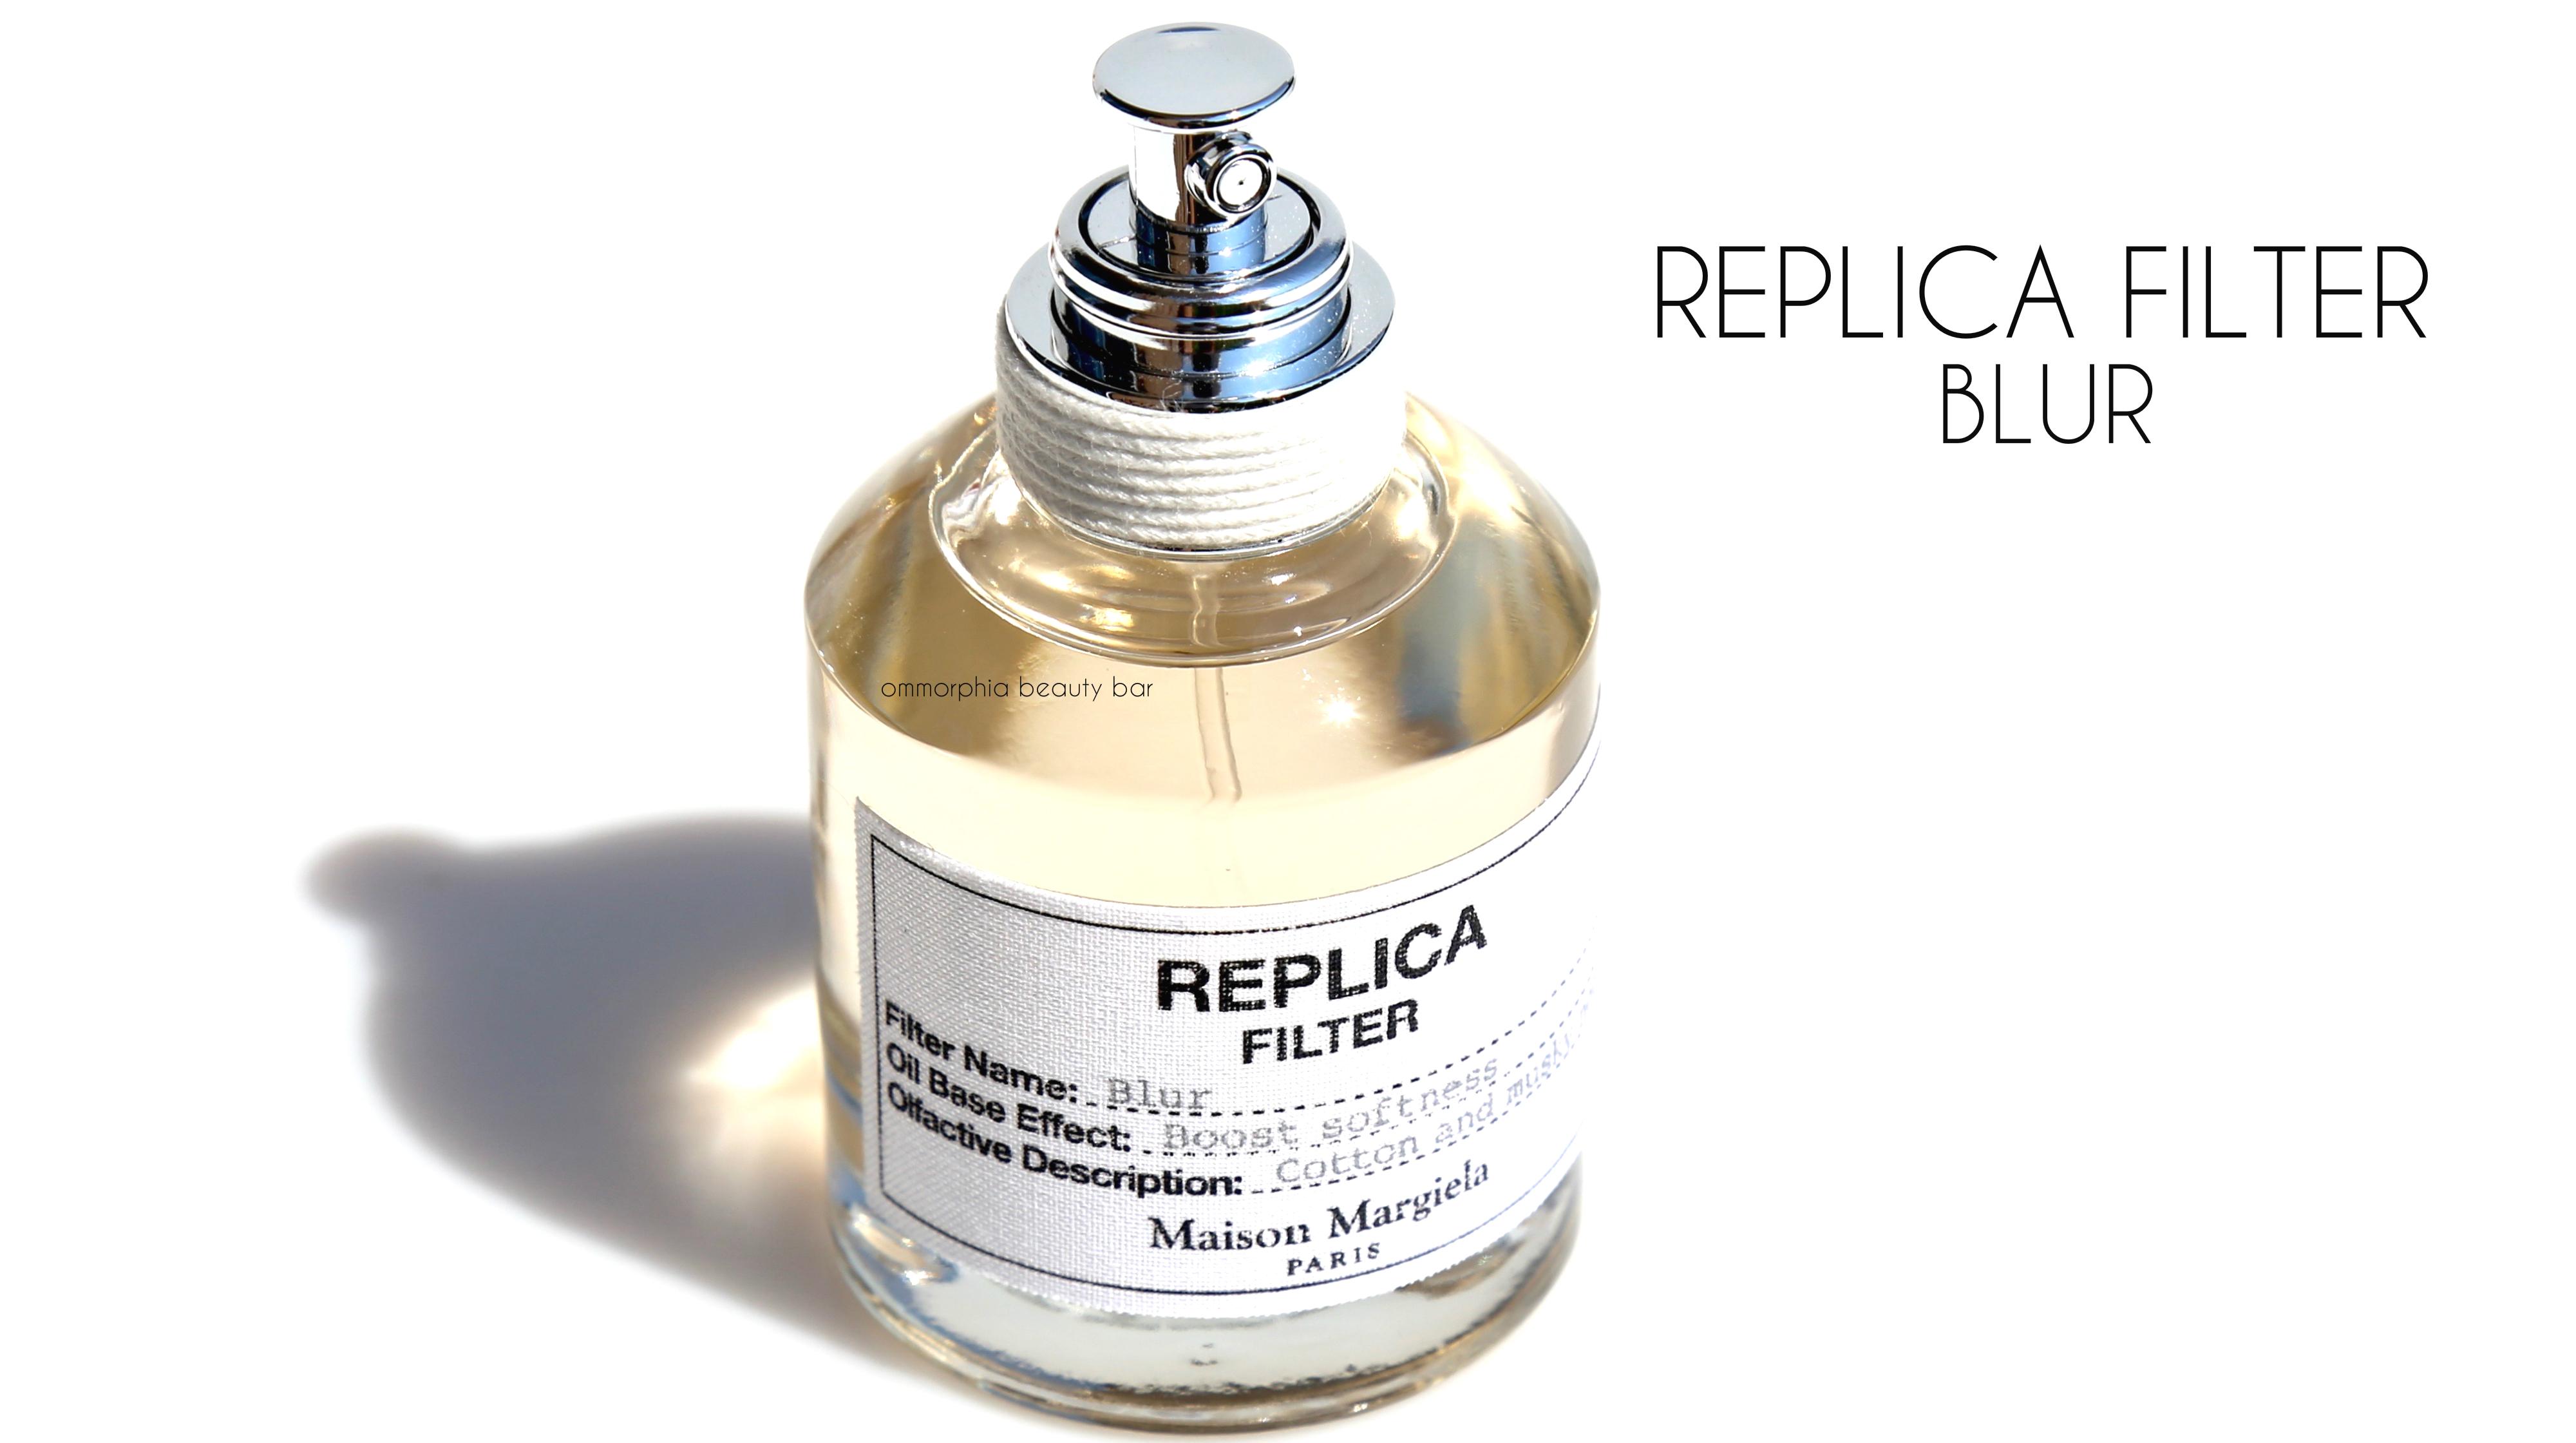 Replica Filter Blur